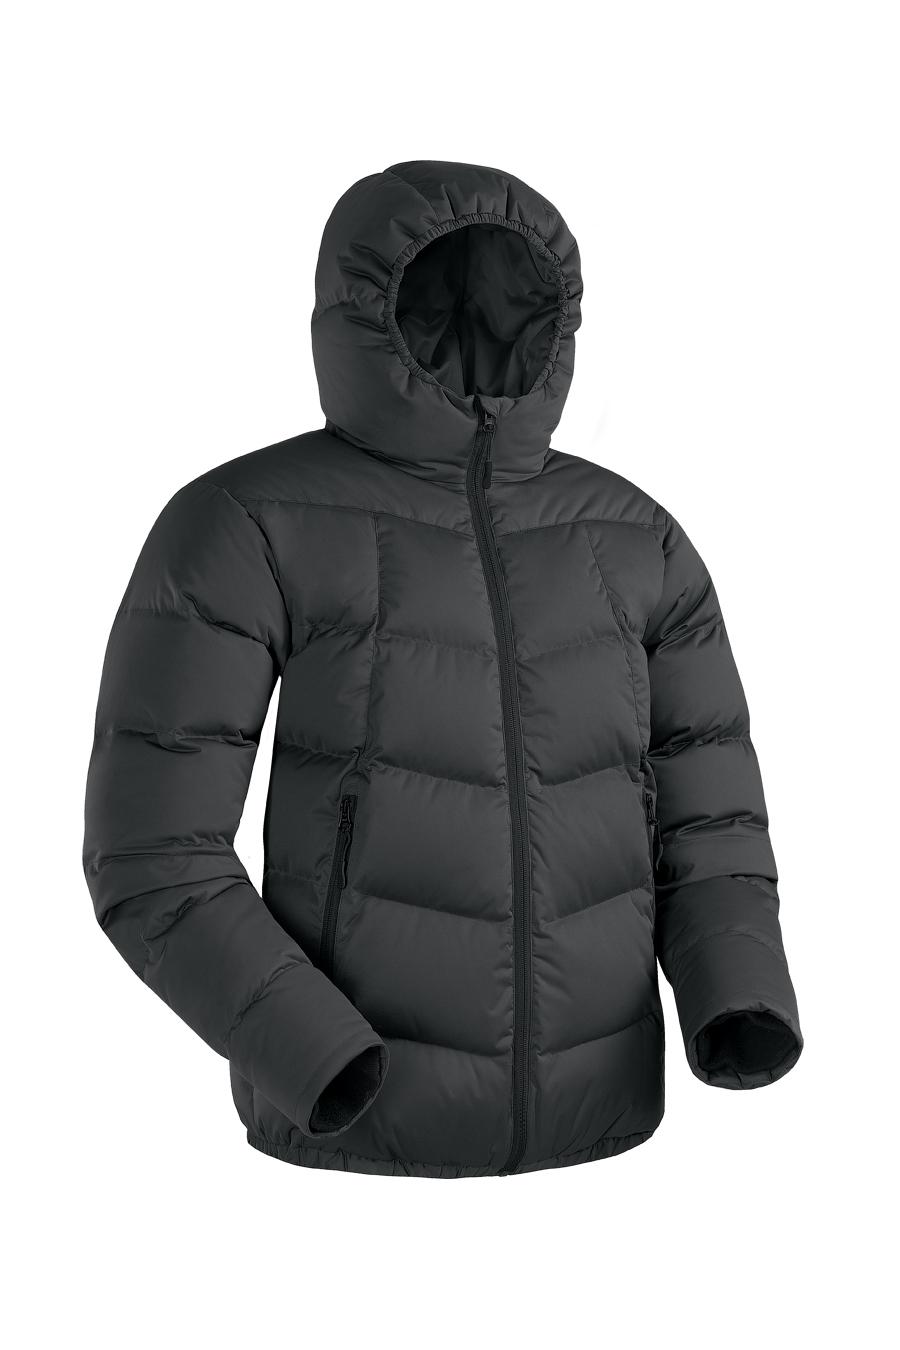 Пуховая куртка BASK BLIZZARD LUXE 5453Куртки<br><br><br>&quot;Дышащие&quot; свойства: Да<br>Верхняя ткань: Advance® Lux<br>Вес граммы: 1000<br>Вес утеплителя: 270<br>Ветро-влагозащитные свойства верхней ткани: Да<br>Ветрозащитная планка: Да<br>Ветрозащитная юбка: Нет<br>Влагозащитные молнии: Нет<br>Внутренние манжеты: Да<br>Внутренняя ткань: Advance® Classic<br>Водонепроницаемость: 10000<br>Дублирующий центральную молнию клапан: Нет<br>Защитный козырёк капюшона: Нет<br>Капюшон: Несъемный<br>Карман для средств связи: Нет<br>Количество внешних карманов: 2<br>Количество внутренних карманов: 2<br>Коллекция: BASK CITY<br>Мембрана: Да<br>Объемный крой локтевой зоны: Нет<br>Отстёгивающиеся рукава: Нет<br>Паропроницаемость: 20000<br>Показатель Fill Power (для пуховых изделий): 700<br>Пол: Мужской<br>Проклейка швов: Нет<br>Регулировка манжетов рукавов: Нет<br>Регулировка низа: Нет<br>Регулировка объёма капюшона: Нет<br>Регулировка талии: Нет<br>Регулируемые вентиляционные отверстия: Нет<br>Световозвращающая лента: Нет<br>Температурный режим: -15<br>Технология Thermal Welding: Нет<br>Технология швов: Простые<br>Тип молнии: Однозамковая<br>Тип утеплителя: Натуральный<br>Ткань усиления: Нет<br>Усиление контактных зон: Нет<br>Утеплитель: Гусиный пух<br>Размер RU: 52<br>Цвет: КРАСНЫЙ